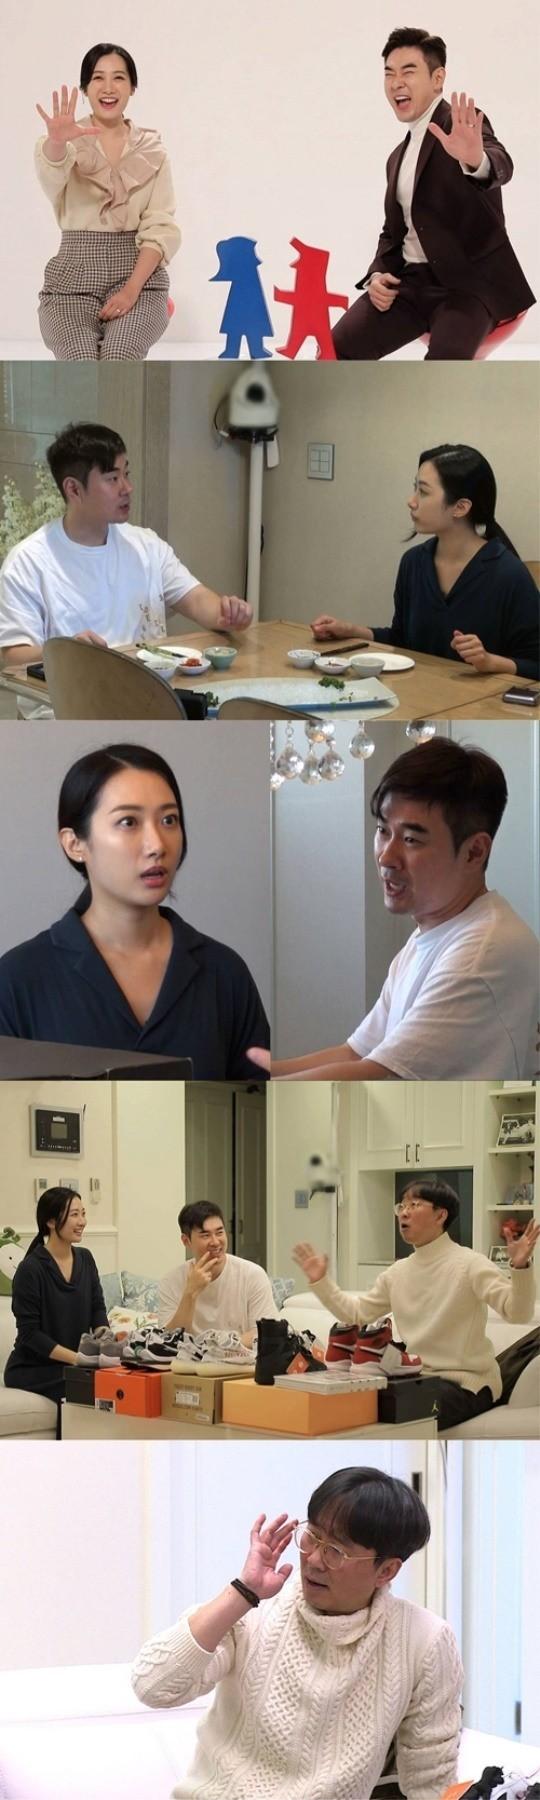 오늘 밤 10시 방송되는 '동상이몽2'에서는 장항준·김은희 부부와 조충현·김민정 부부의 이야기가 공개된다. /사진=SBS 제공